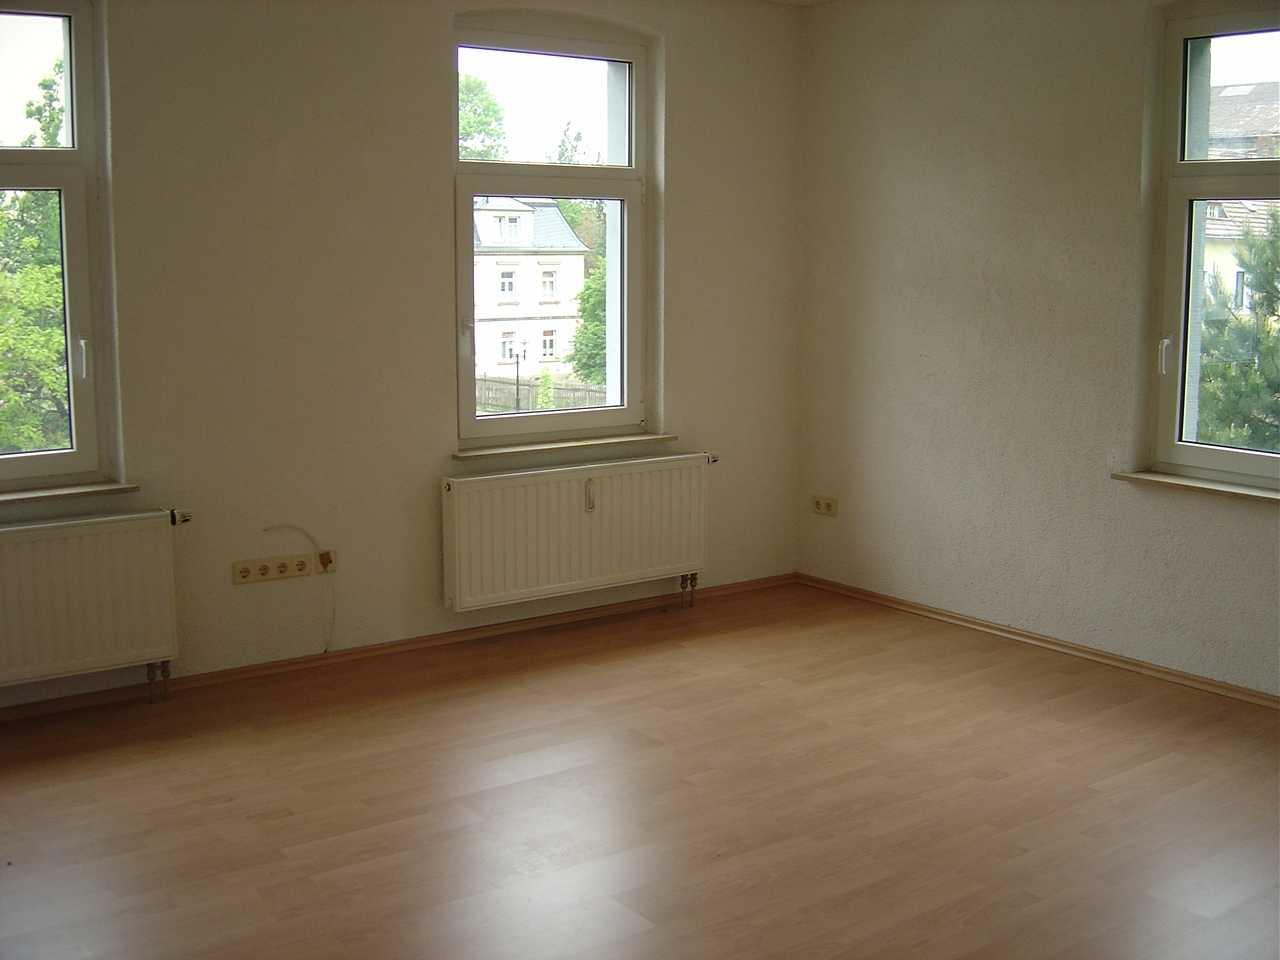 Wohnzimmer Altbau Umbauten Sanierung Renovierung Von Wohnungen Wohnung Streichen Paderborn